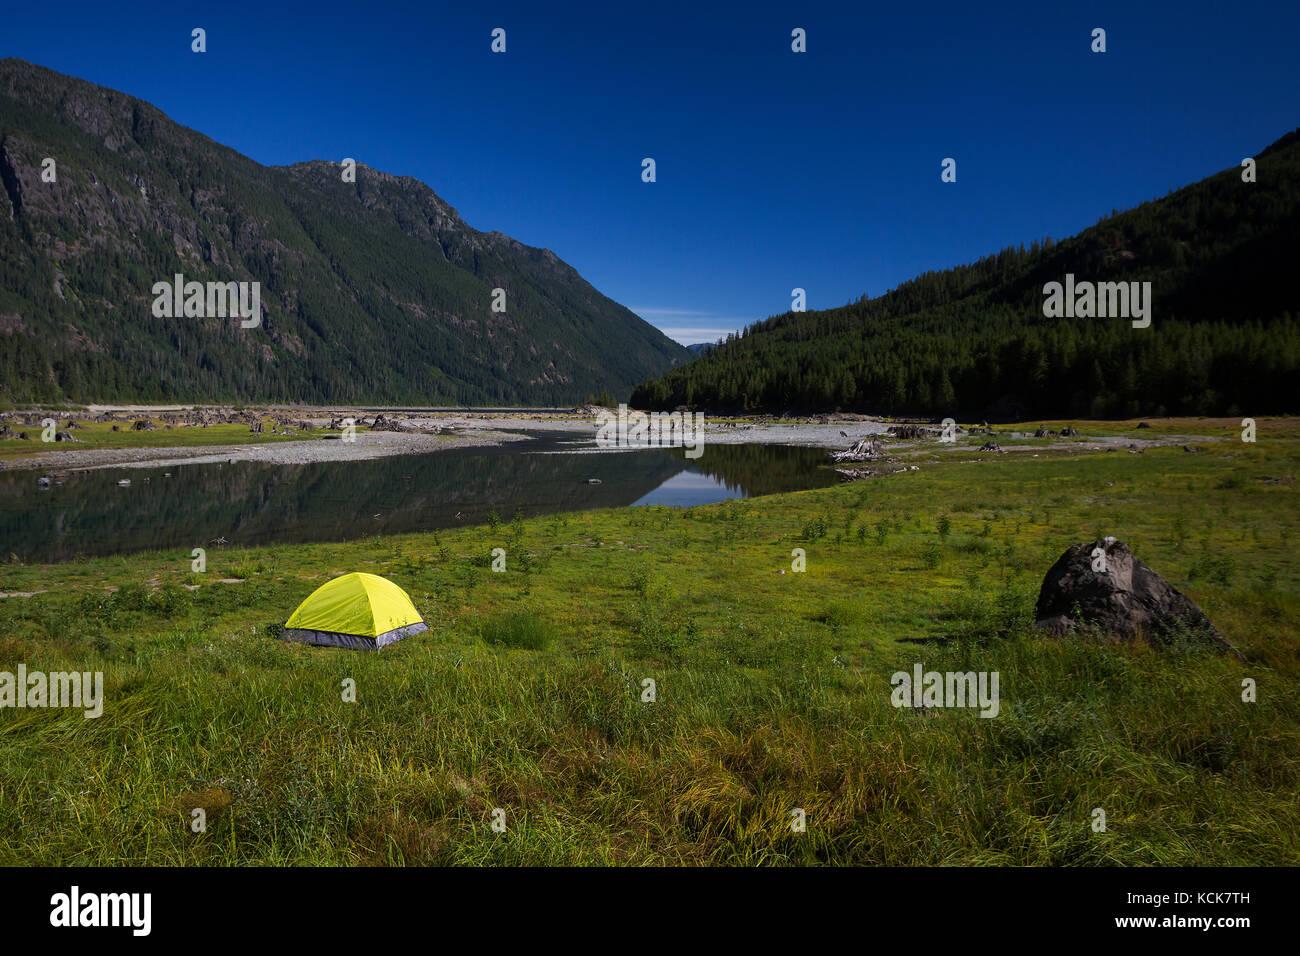 Una solitaria carpa verde brillante en la cabeza del lago buttle en el strathcona Park ofrece un marcado contraste Imagen De Stock